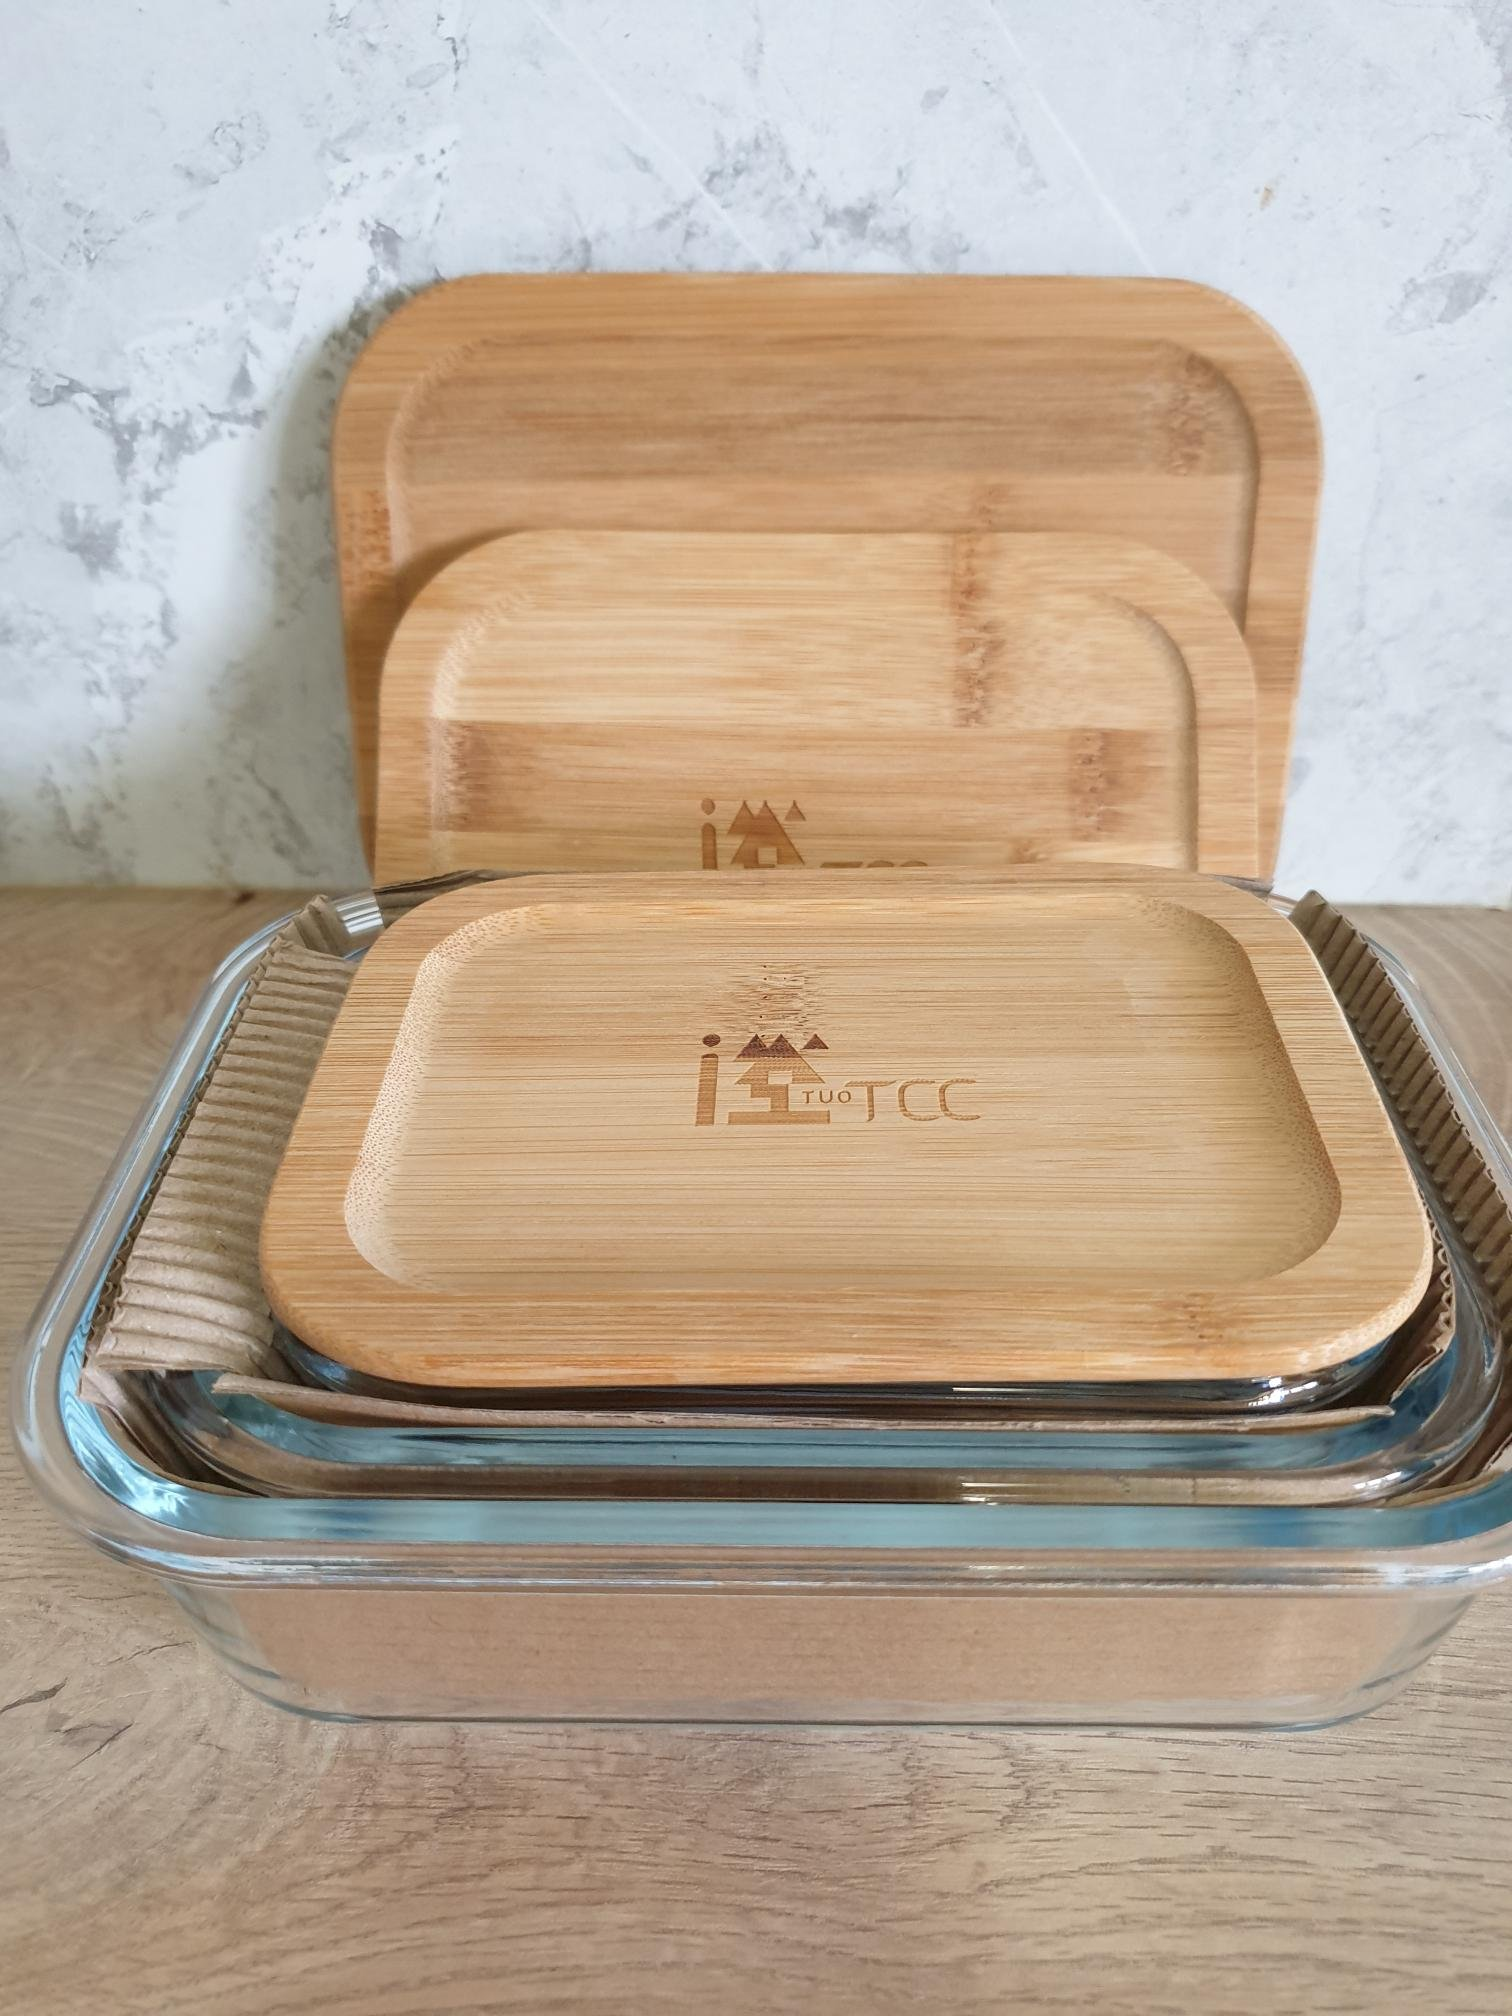 110年台泥股東會紀念品(國際中橡股東紀念品),竹蓋環保玻璃保鮮盒套三組,容量(400ml)(600ml)(1000ml),尺寸如圖標示。TCC文青風。